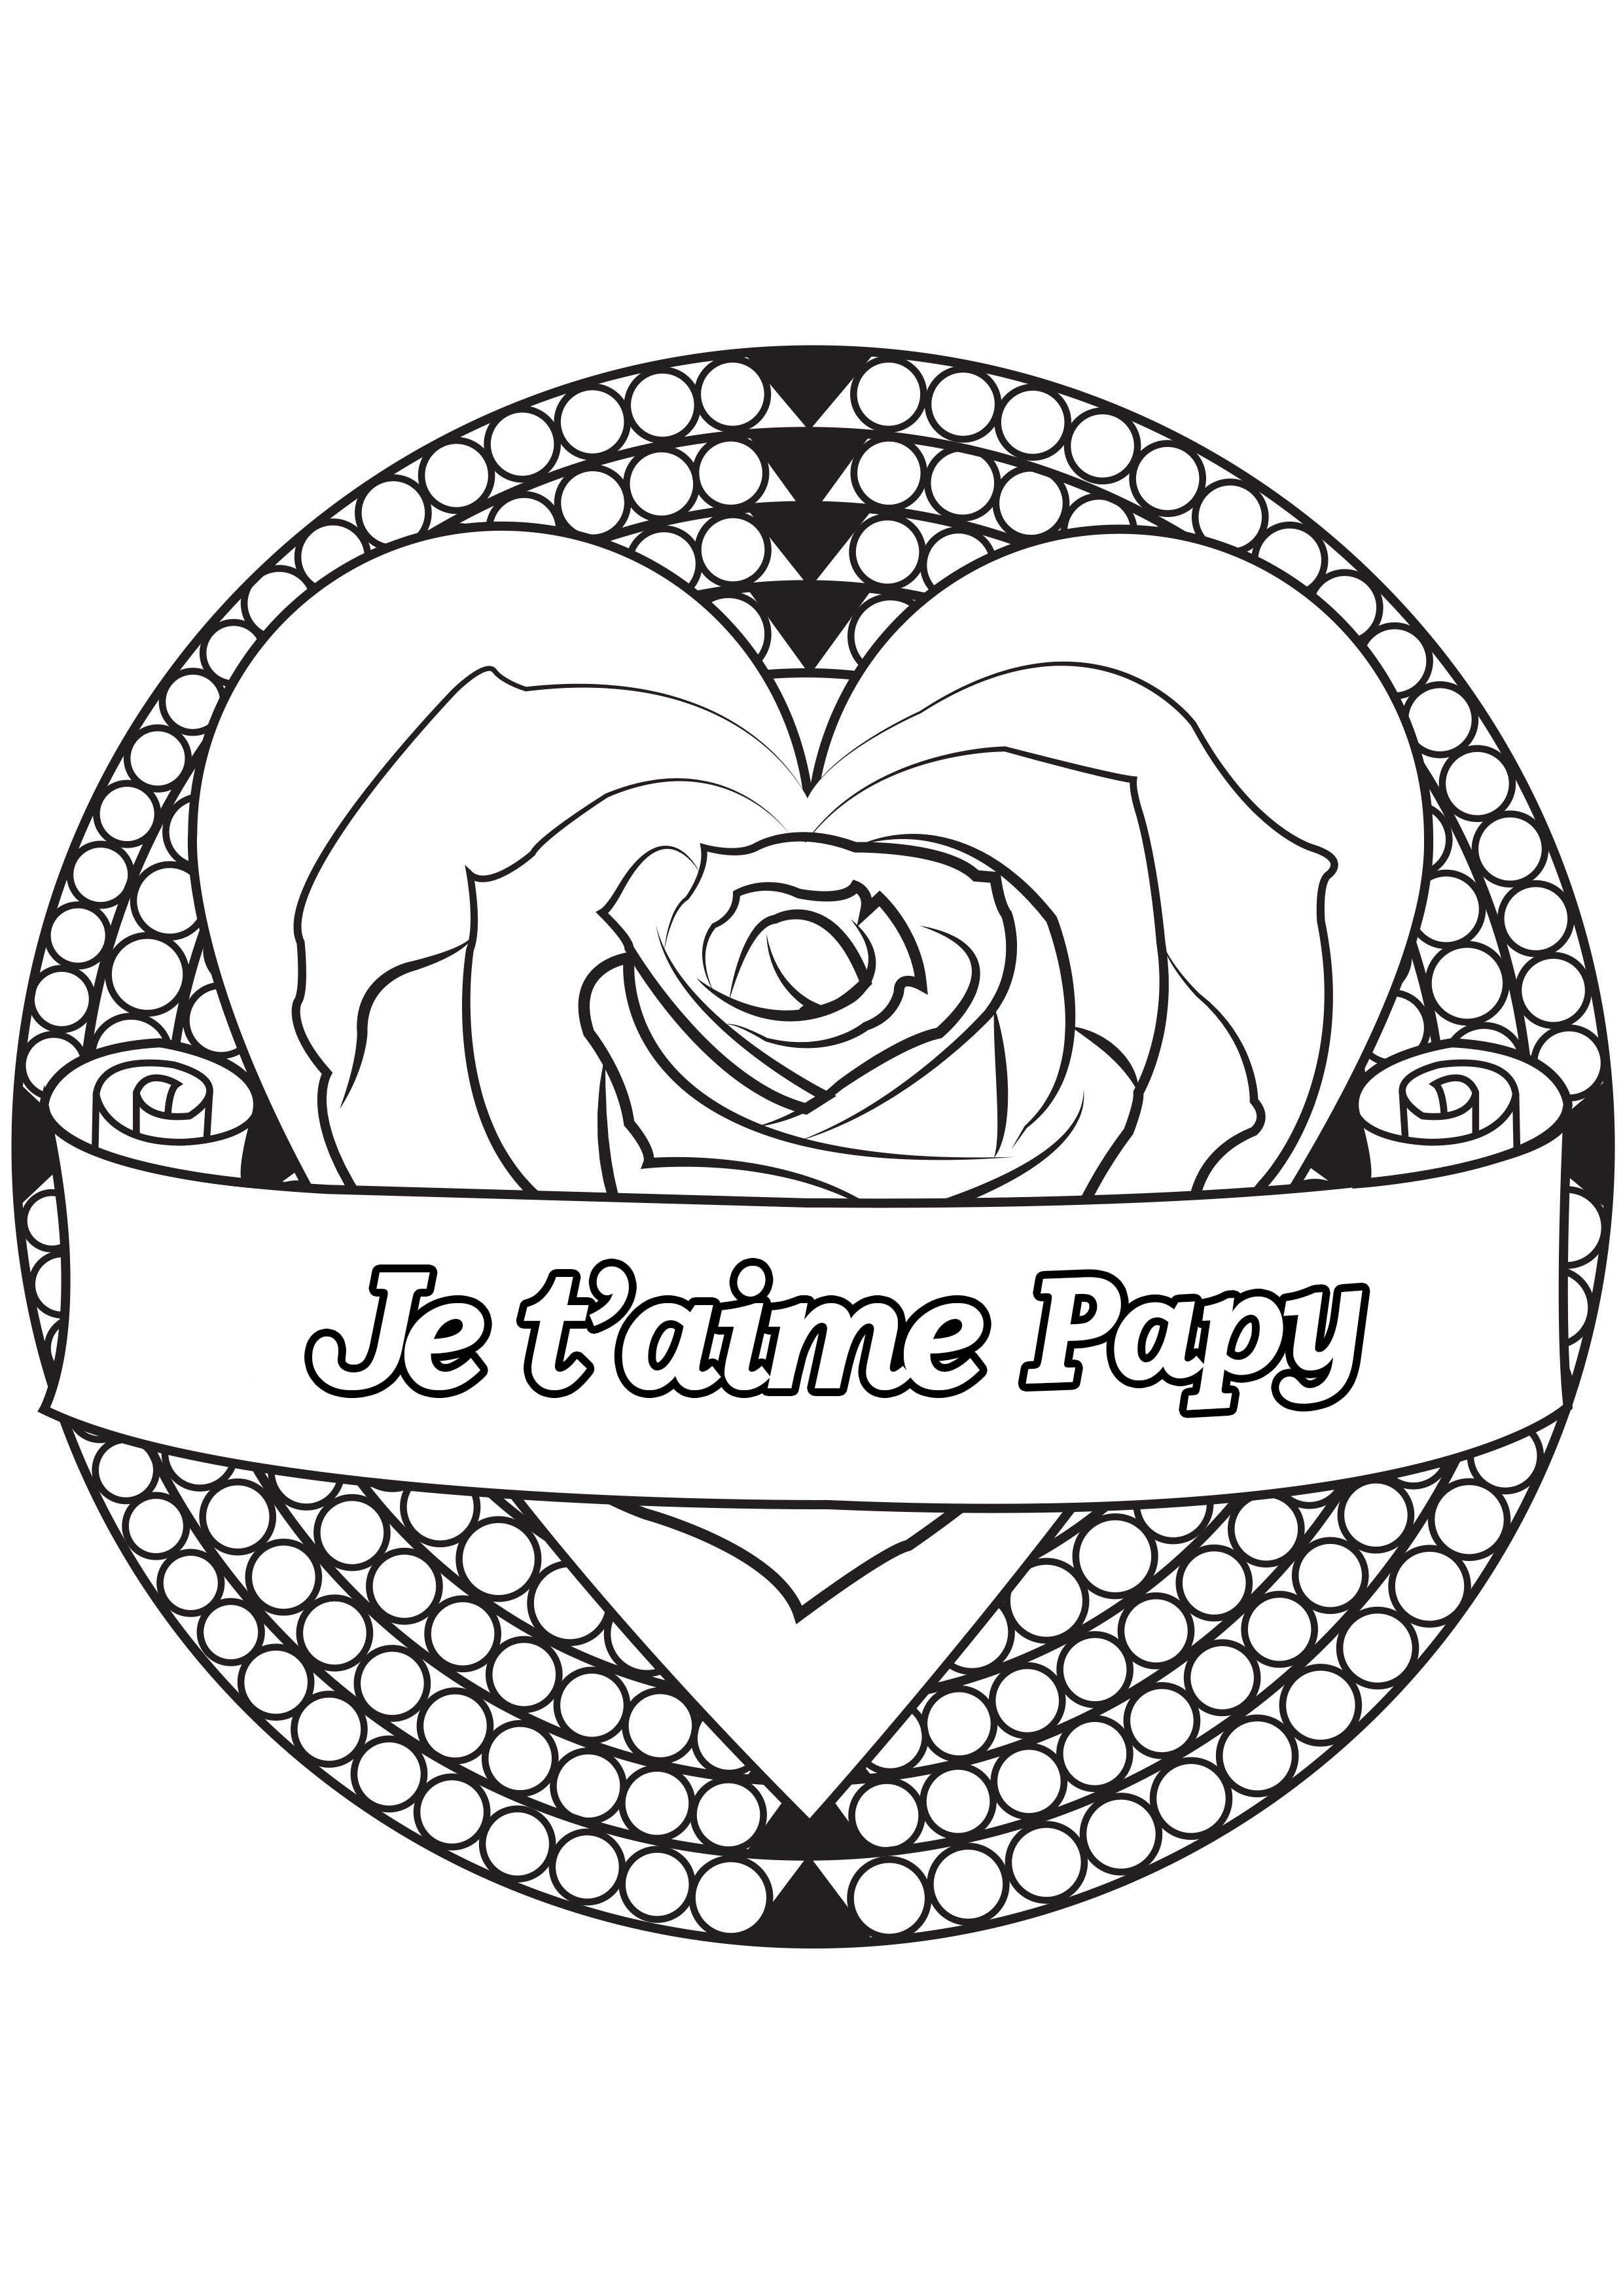 Coloriage spécial Fête des pères : Coeur & rose - Je t'aime Papy